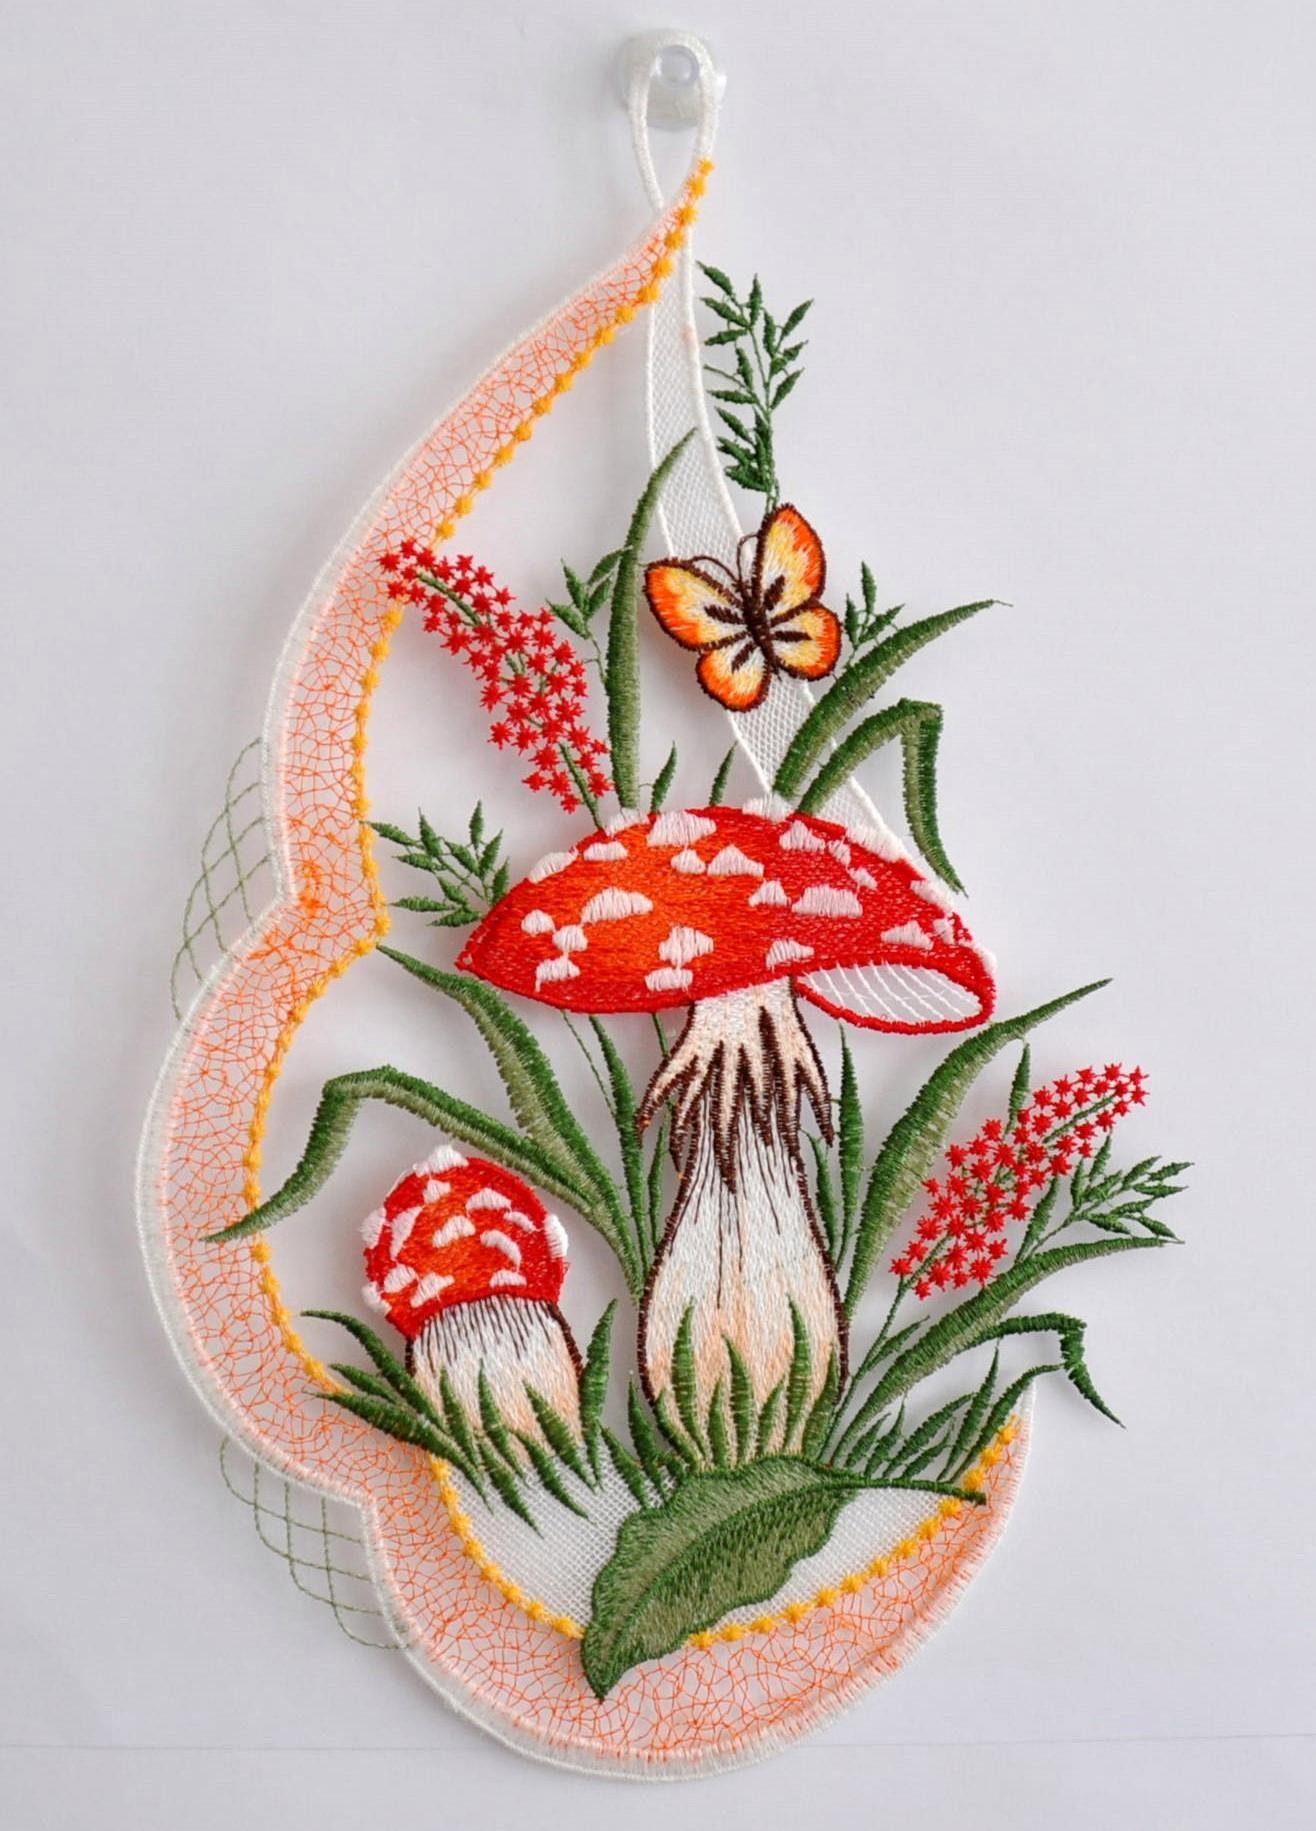 Fensterbild, Stickereien Plauen, » Pilze« mit echter Plauener Spitze Stickerei (1 Stück)